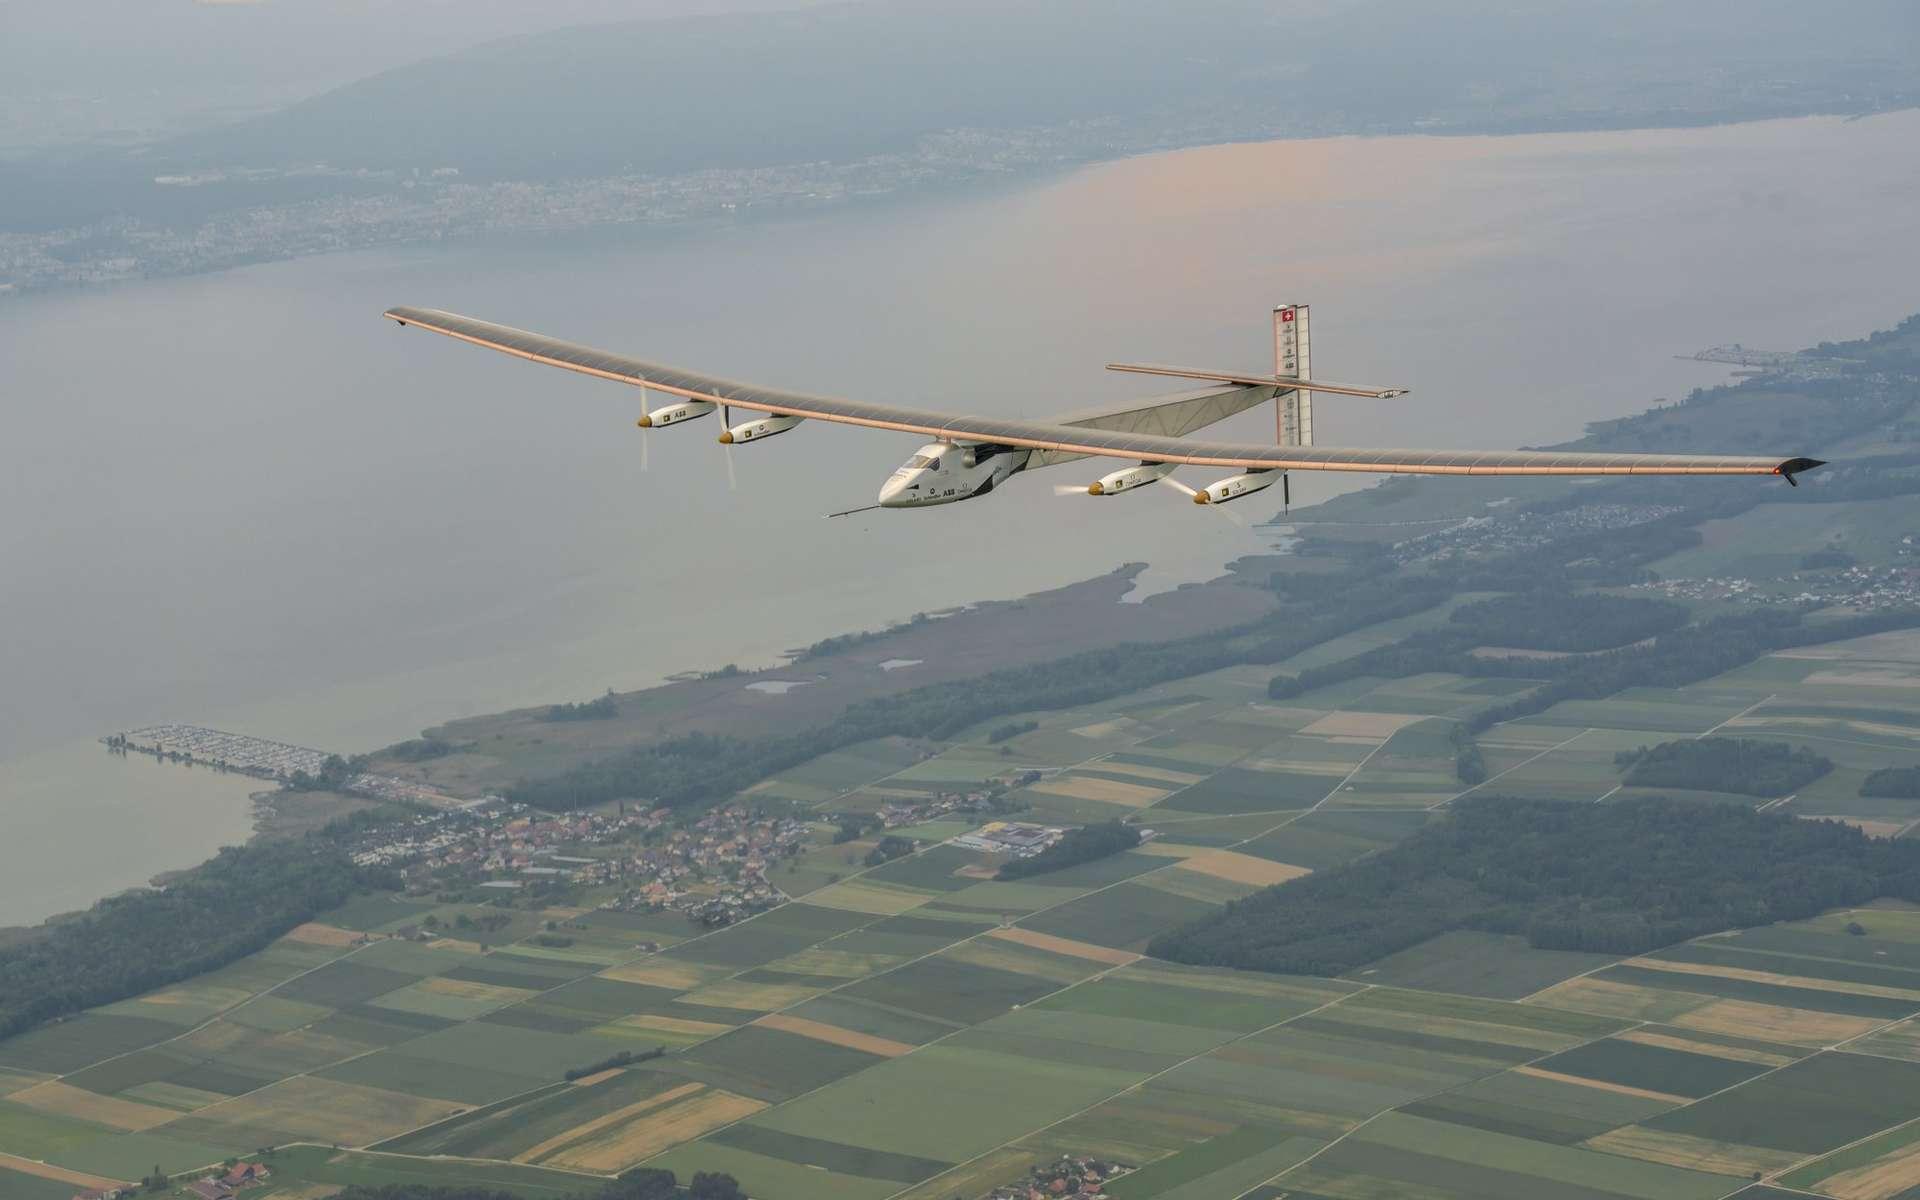 Aux mains de Markus Scherdel, le Si2 de Solar Impulse effectue son tout premier vol ce lundi 2 juin 2014 autour de Payerne, à une vitesse moyenne de 30 nœuds, soit environ 56 km/h. © Solar Impulse, Revillard, Rezo.ch